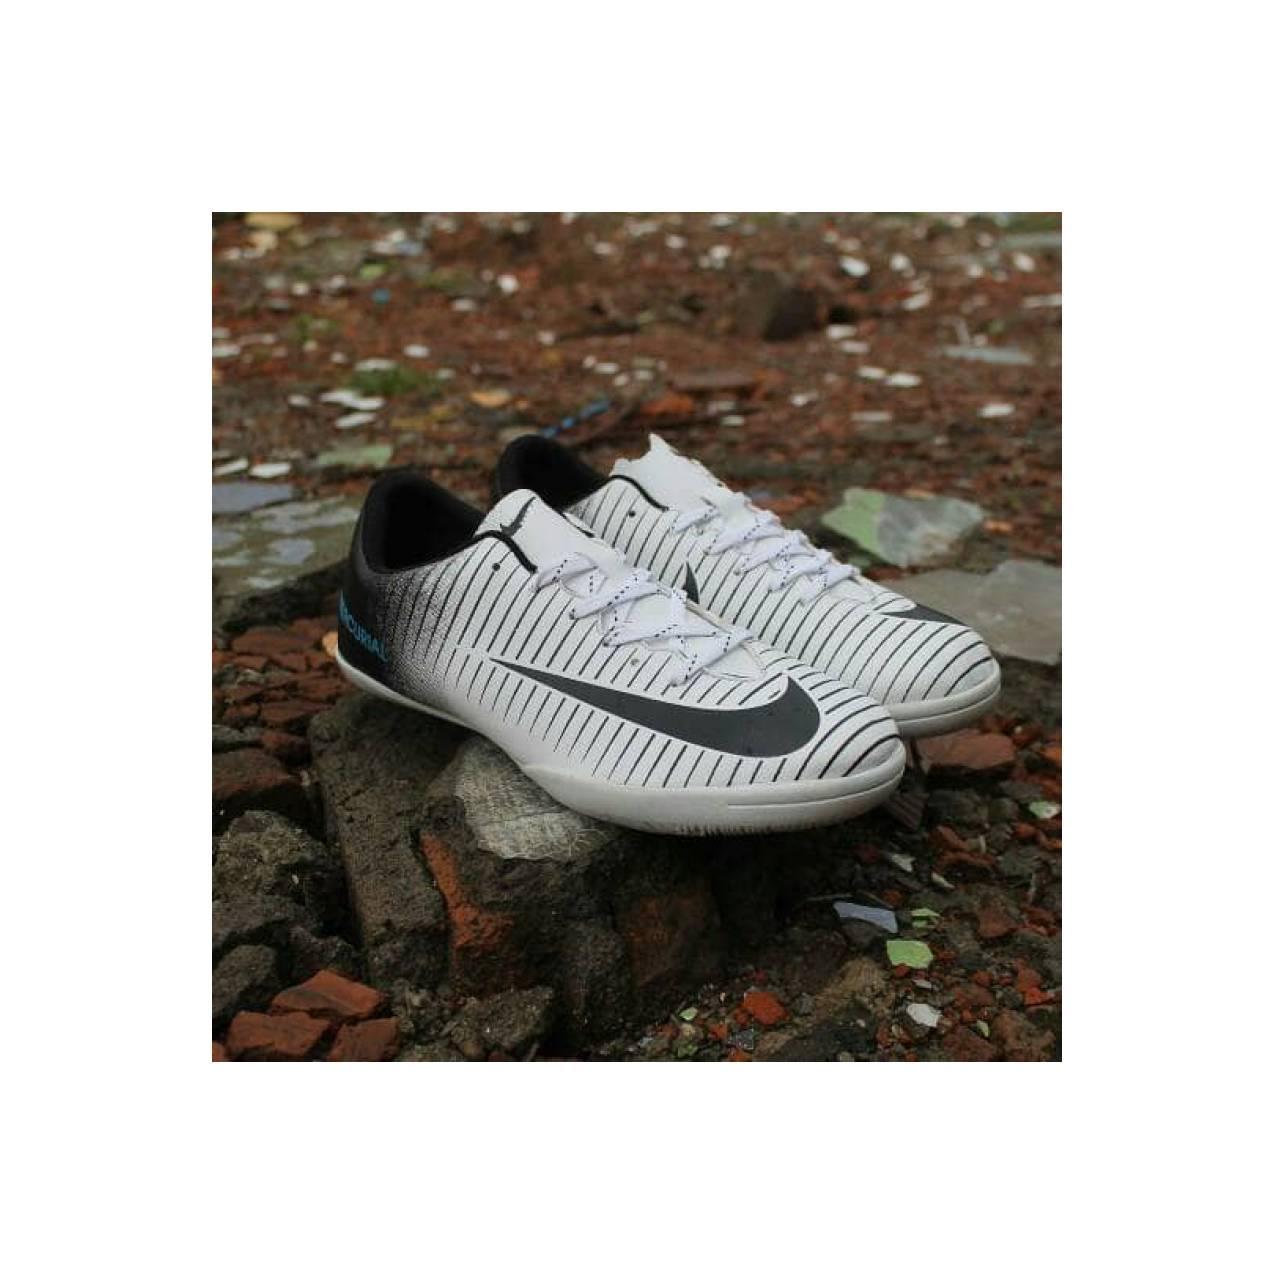 Sepatu NIKE MERCURIAL FUTSAL Warna Hitam Putih Murah Kualitas Bagus